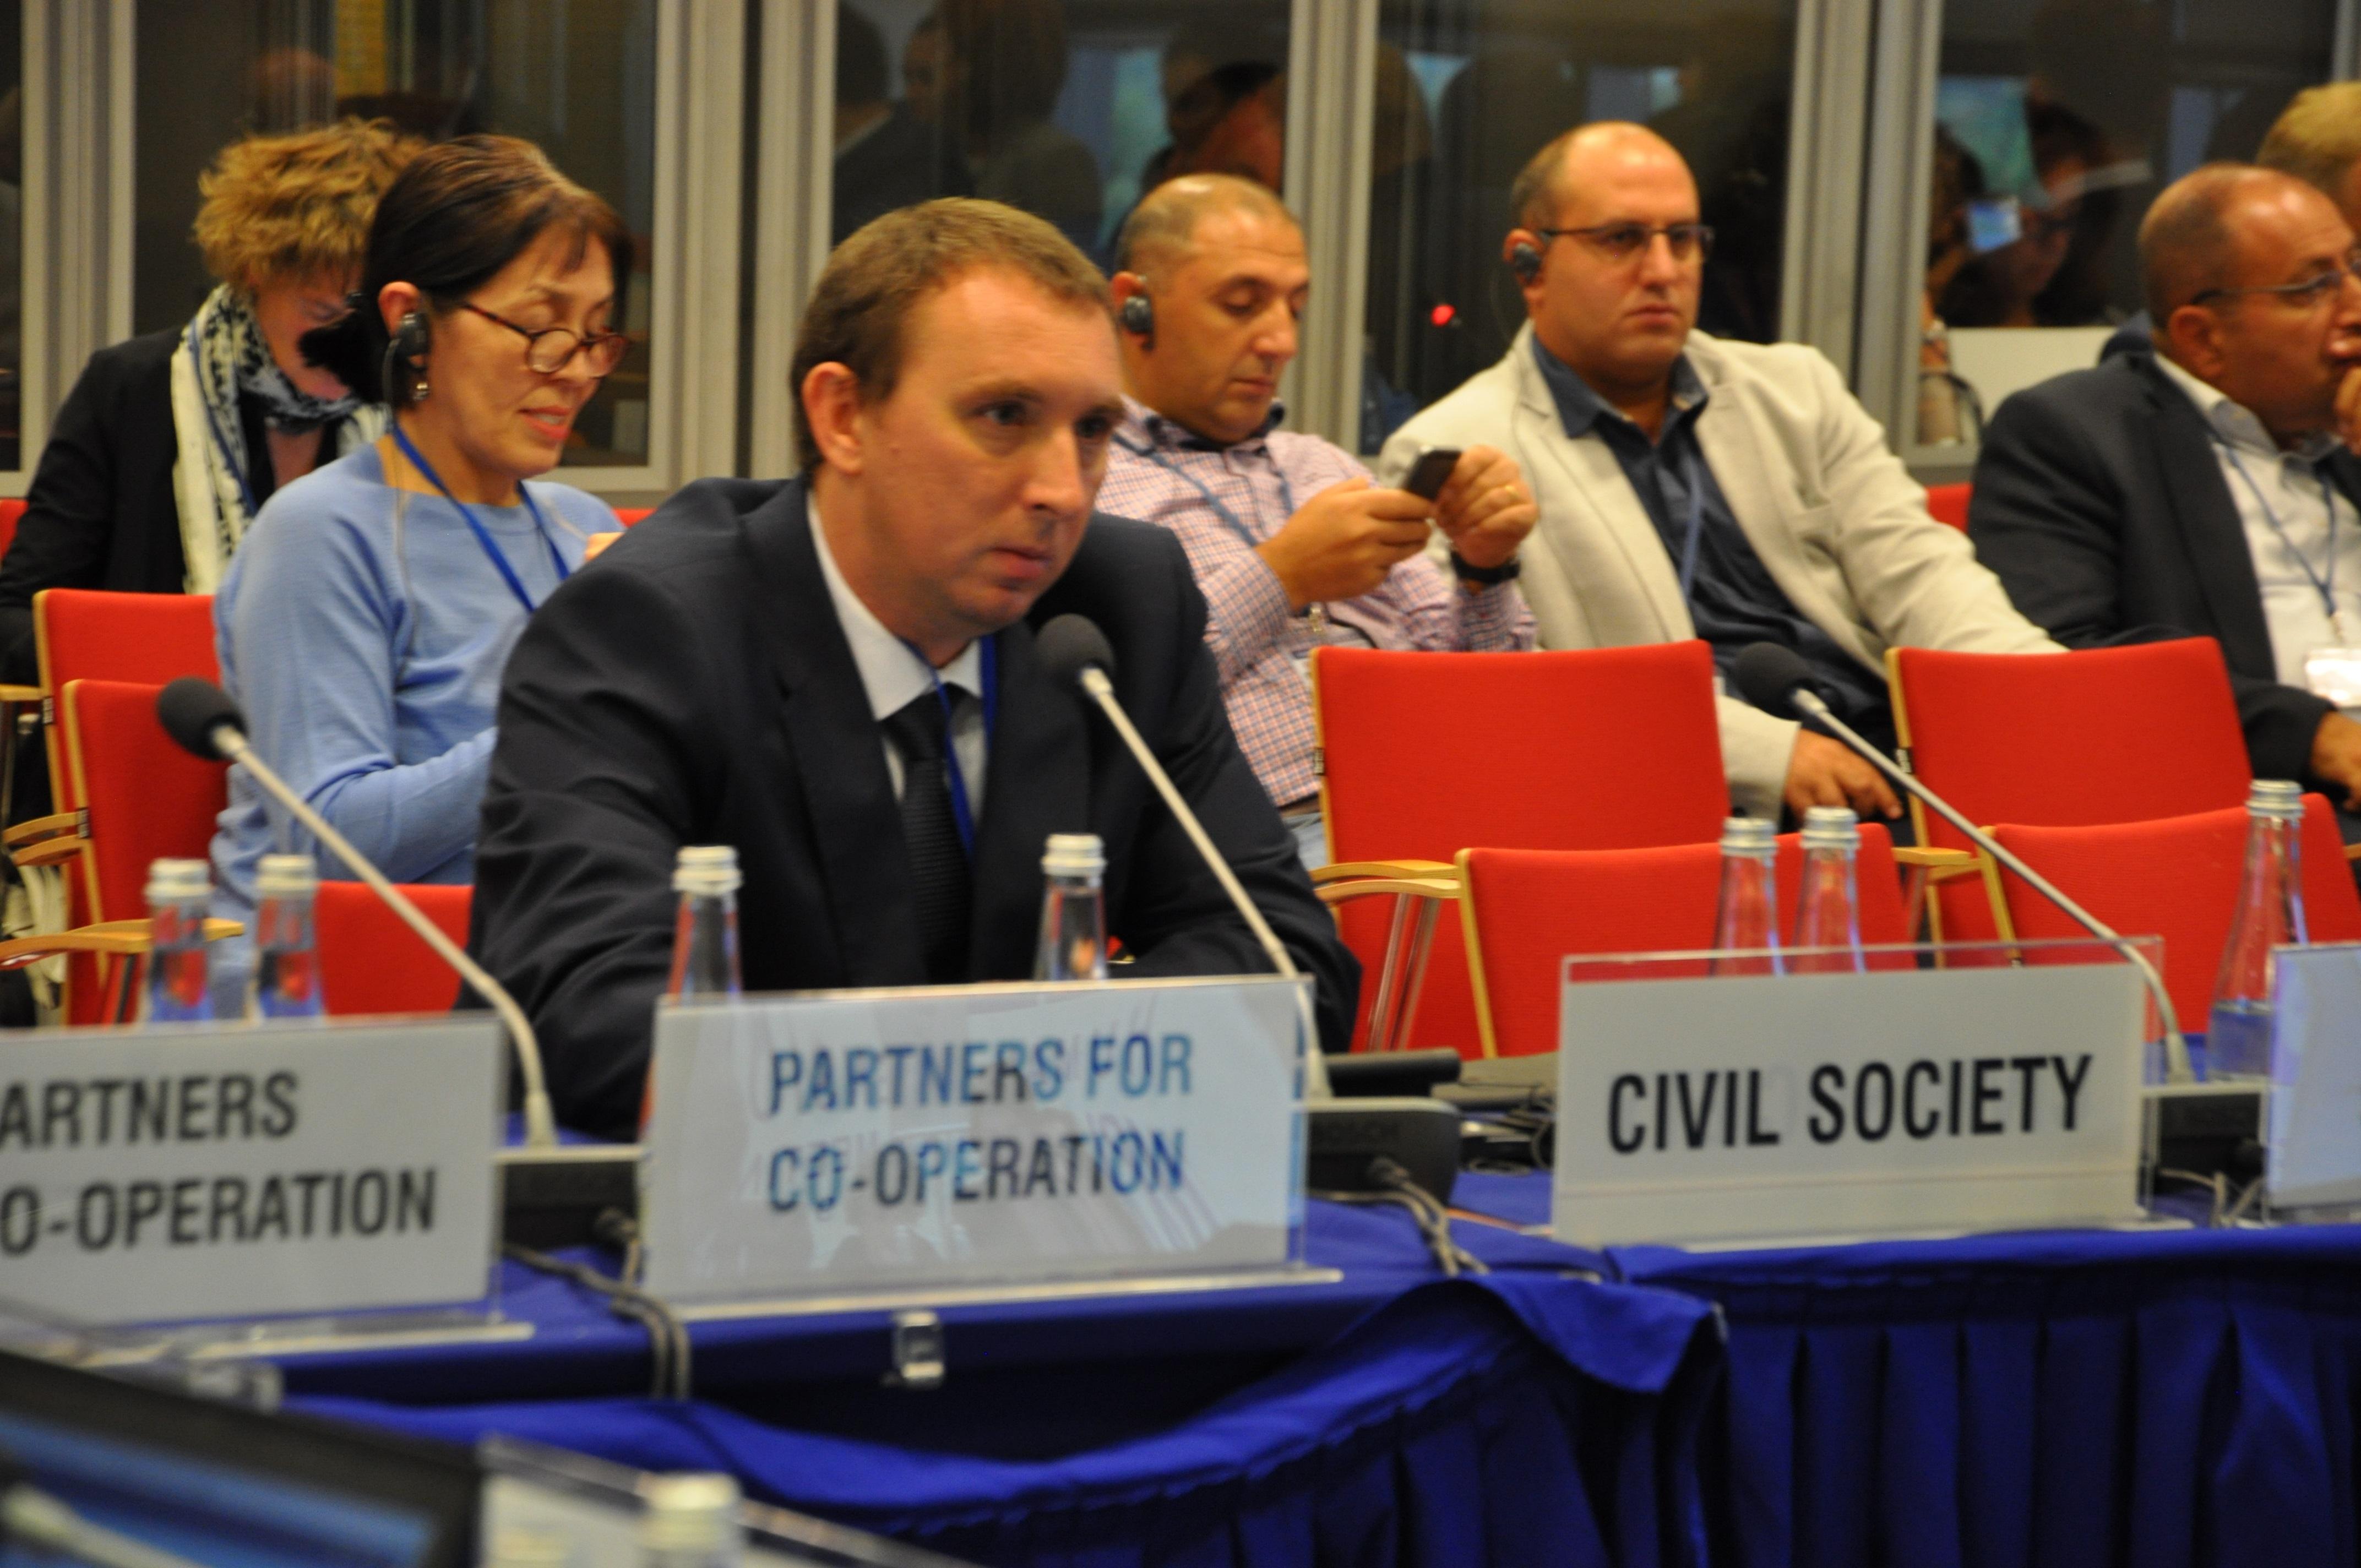 Россия использует судебную систему как инструмент преследования крымчан, — заявление КПГ на заседании ОБСЕ